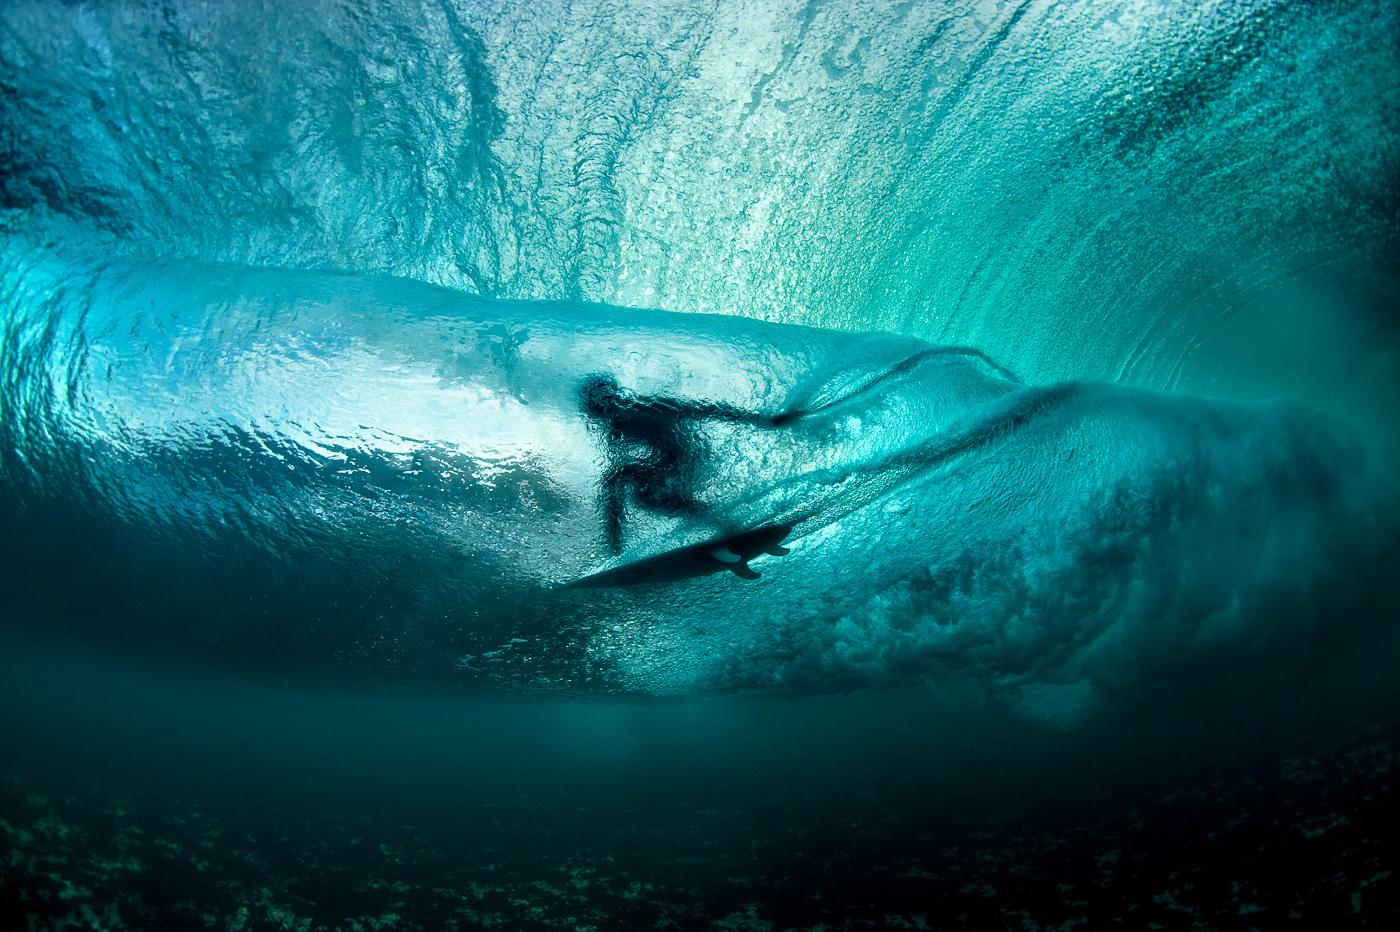 fergal_smith_ireland_surfing